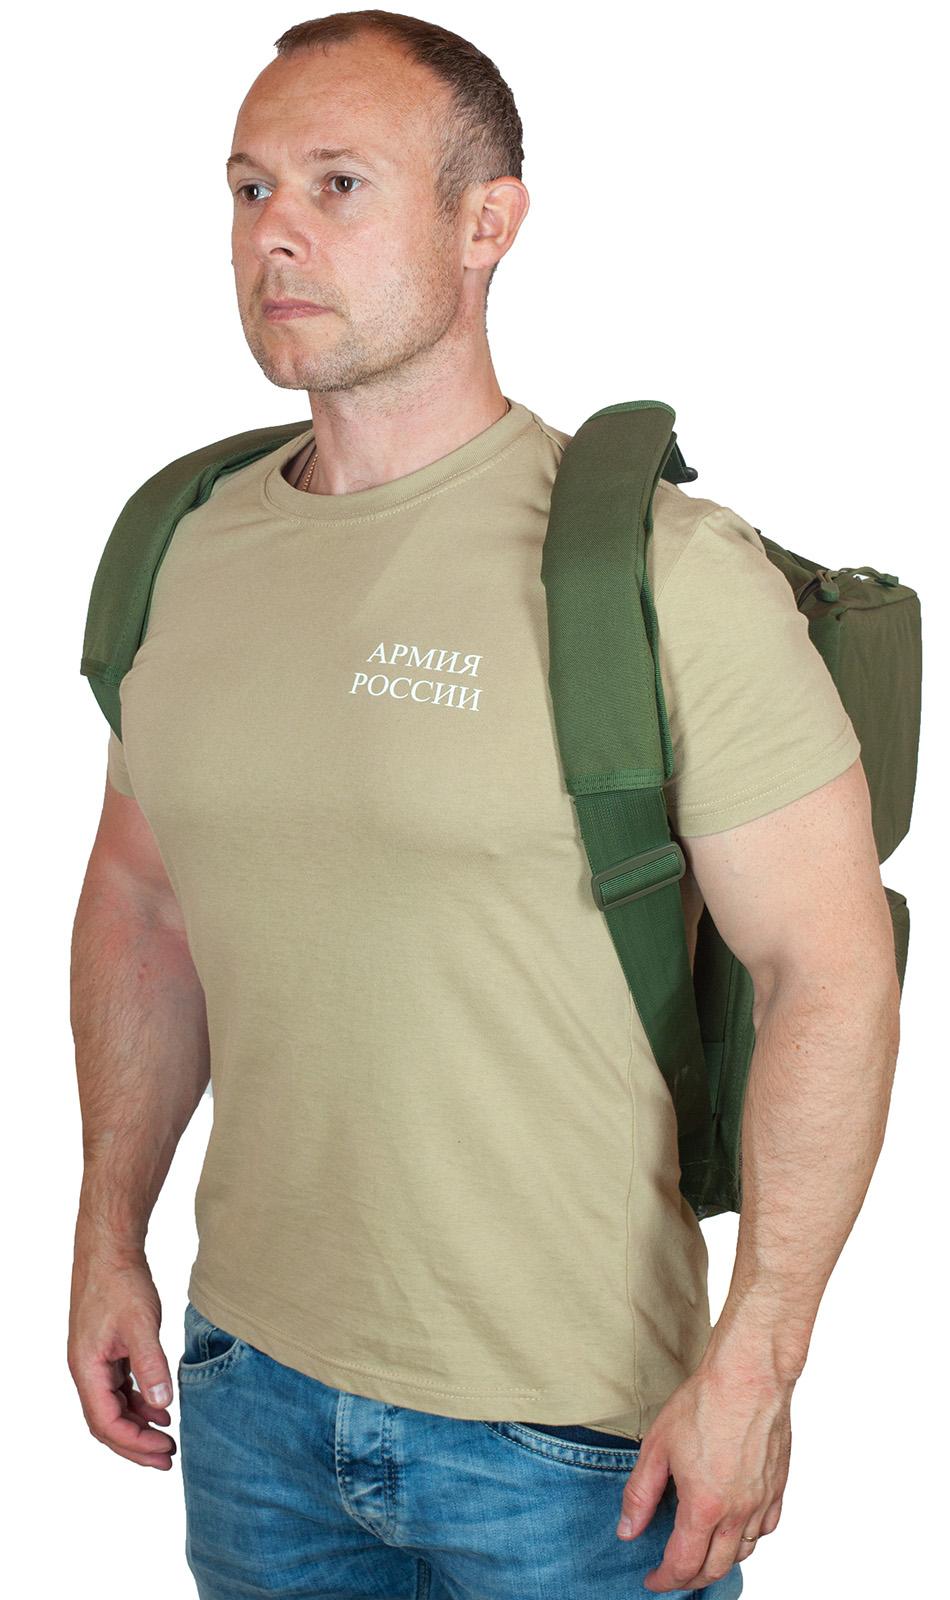 Походная сумка-рюкзак с нашивкой Русская Охота - купить оптом